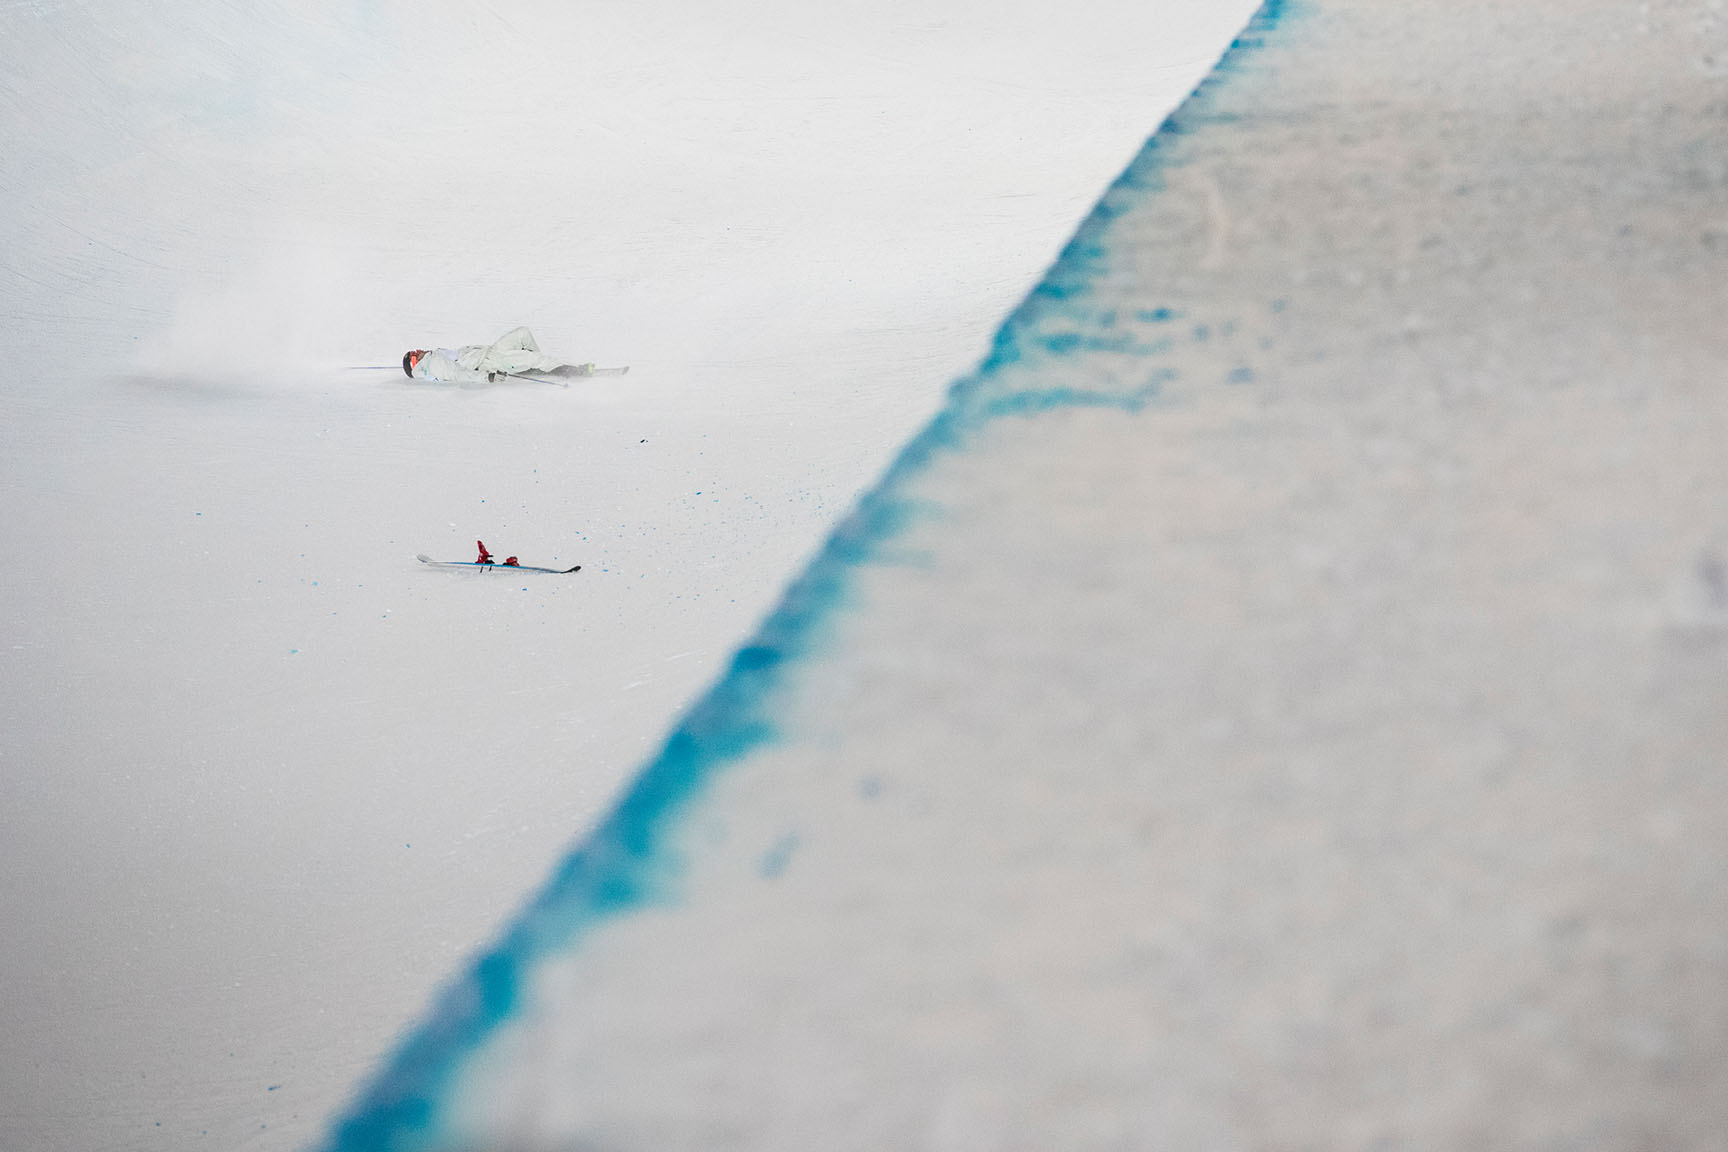 Kevin Rolland, Ski SuperPipe